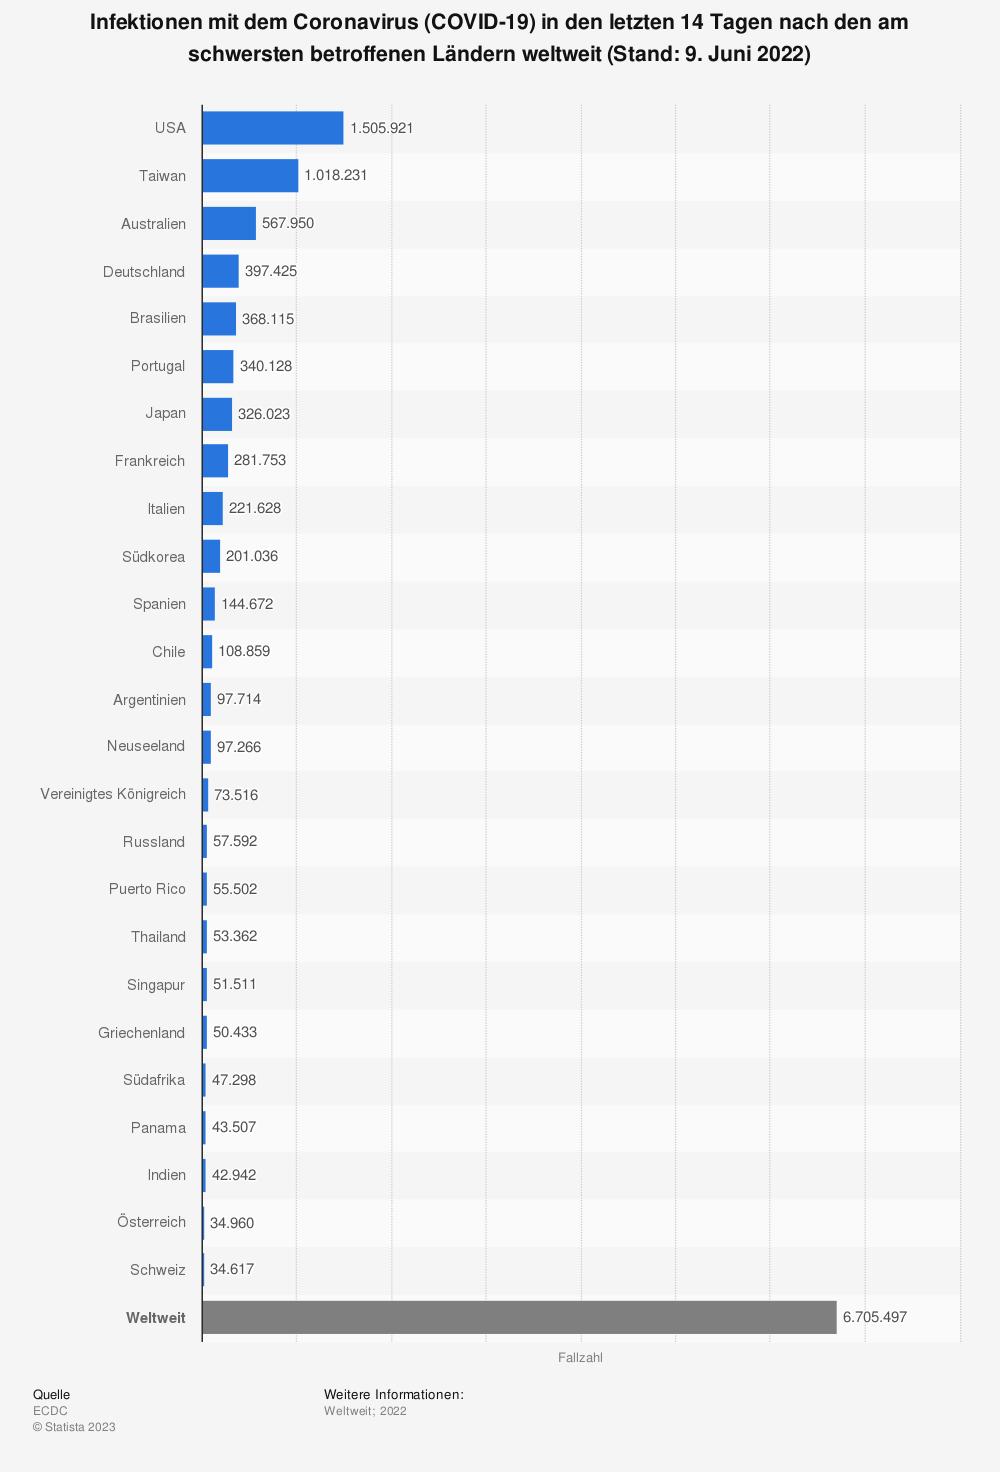 Statistik: Infektionen mit dem Coronavirus (COVID-19) in den letzten 14 Tagen nach den am schwersten betroffenen Ländern weltweit (Stand: 21. September 2020) | Statista